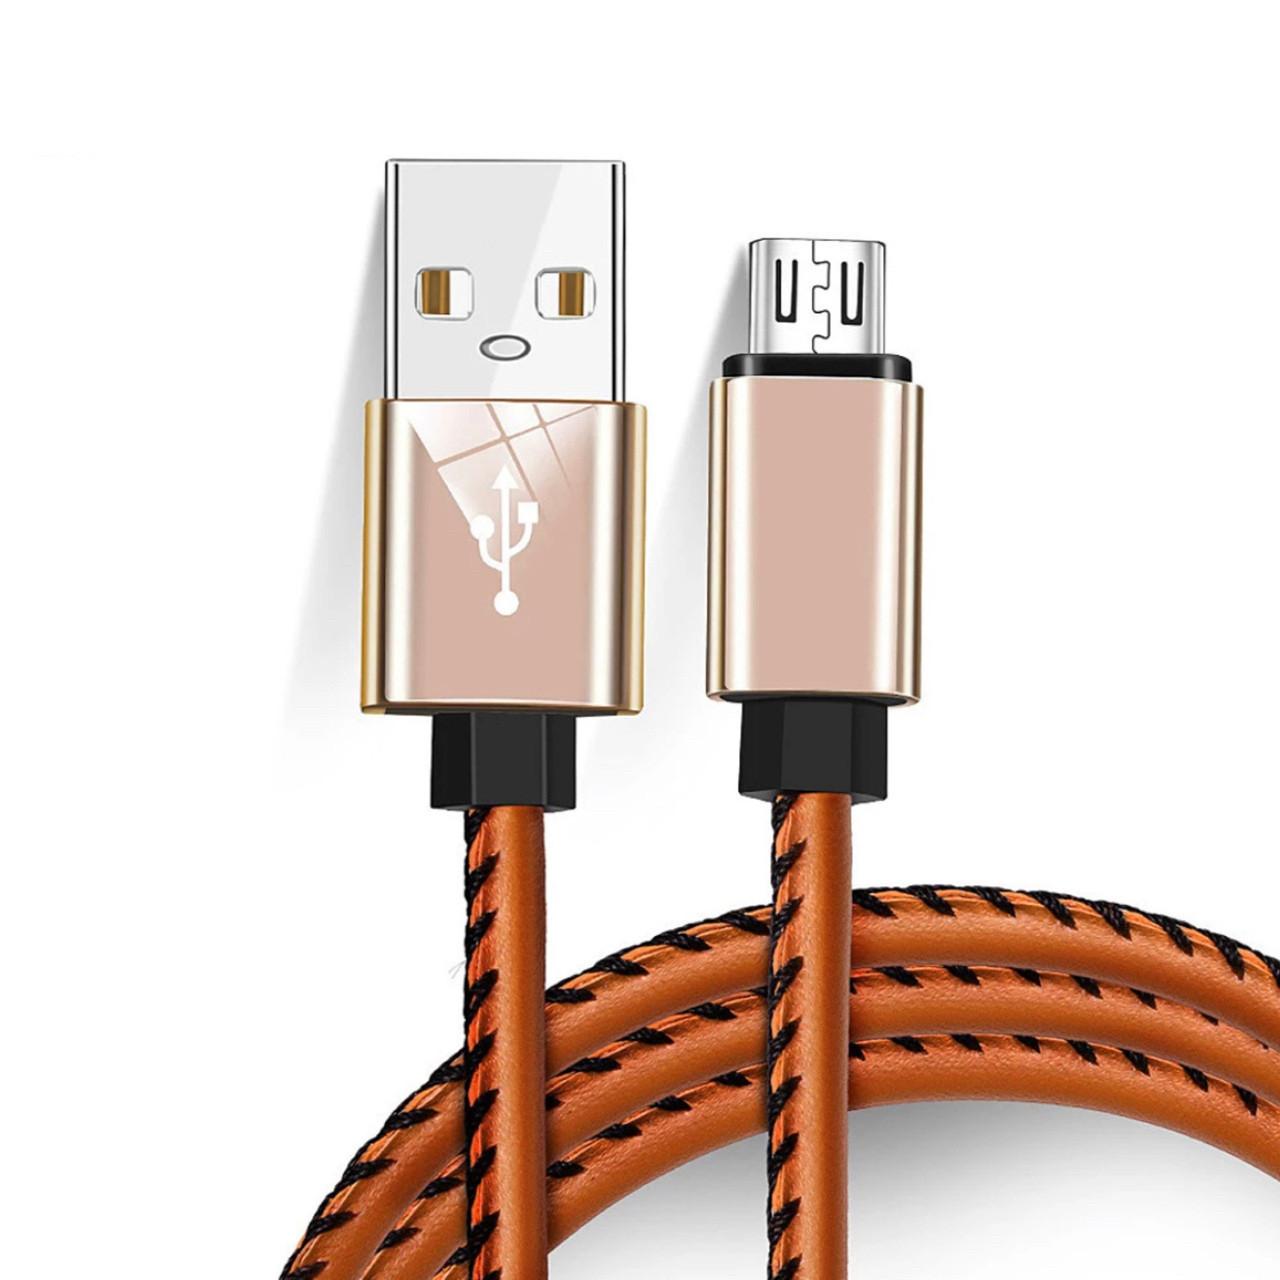 Кожаный Usb кабель Android Micro USB 2.0 A для быстрой зарядки и передачи данных 1 м (коричневый)